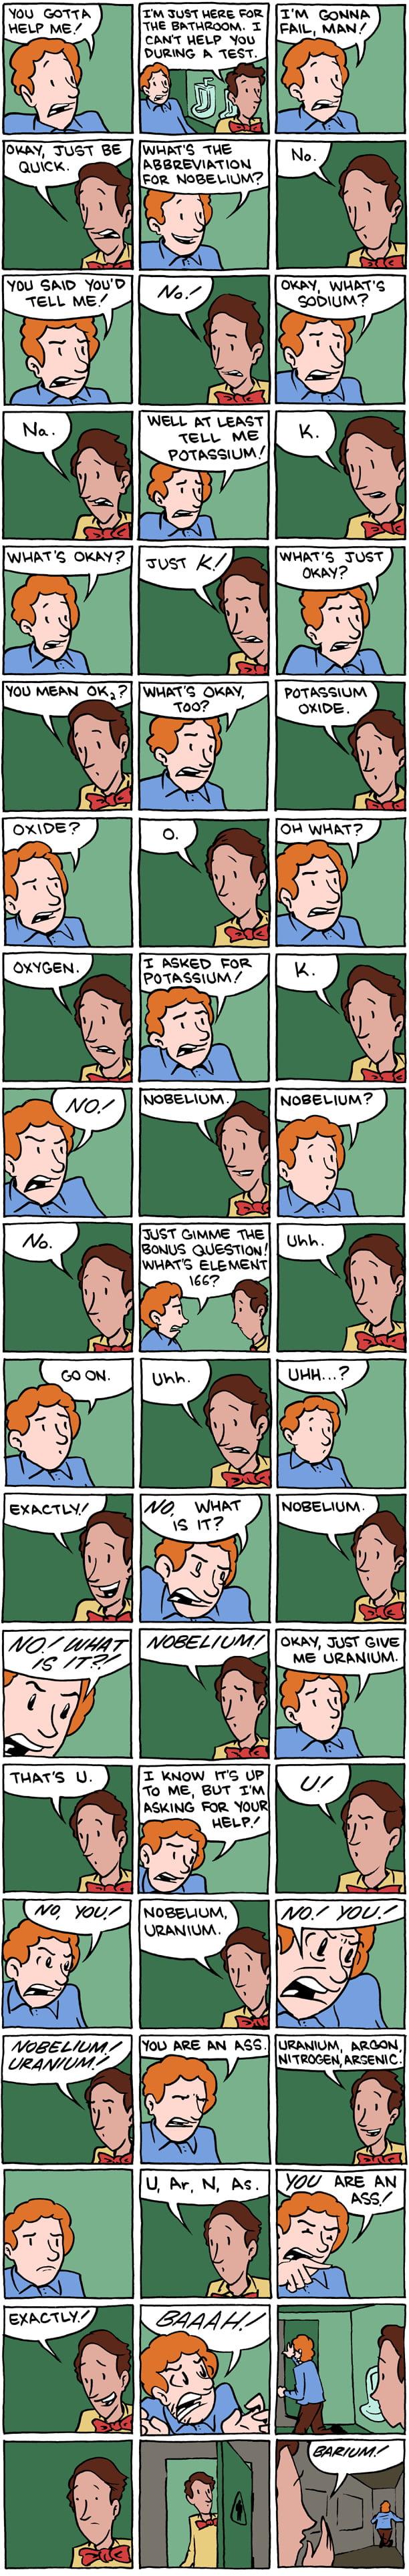 So I heard you like chemistry puns